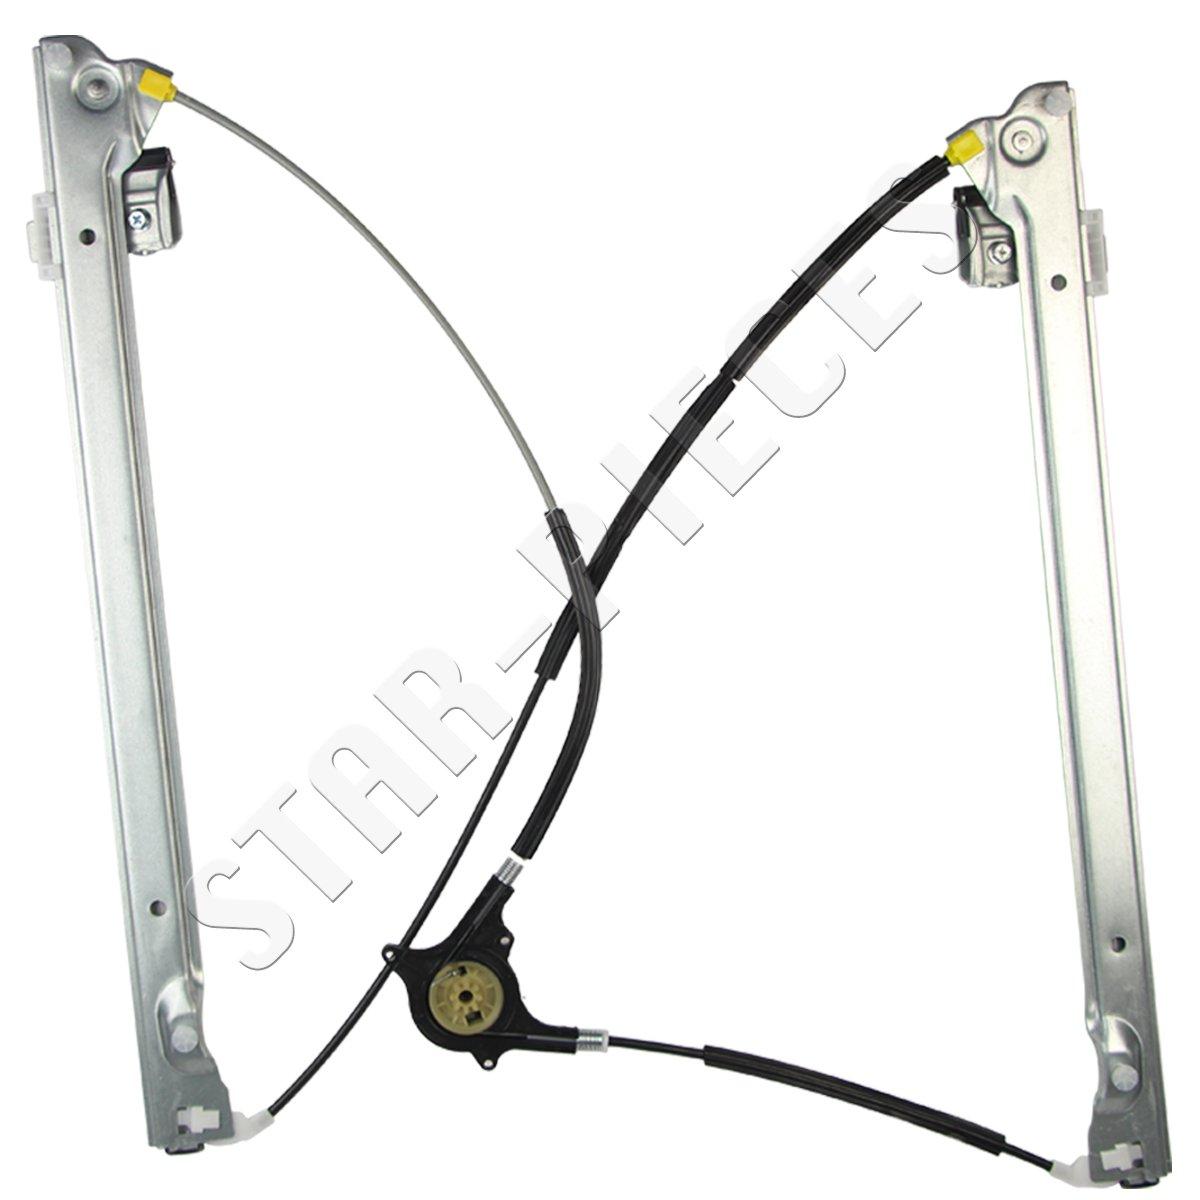 STARKIT PERFORMANCE Fensterheber Elektrisch Hinten Links f/ür Mercedes Vito und Viano W639 von 2003 bis 2014.